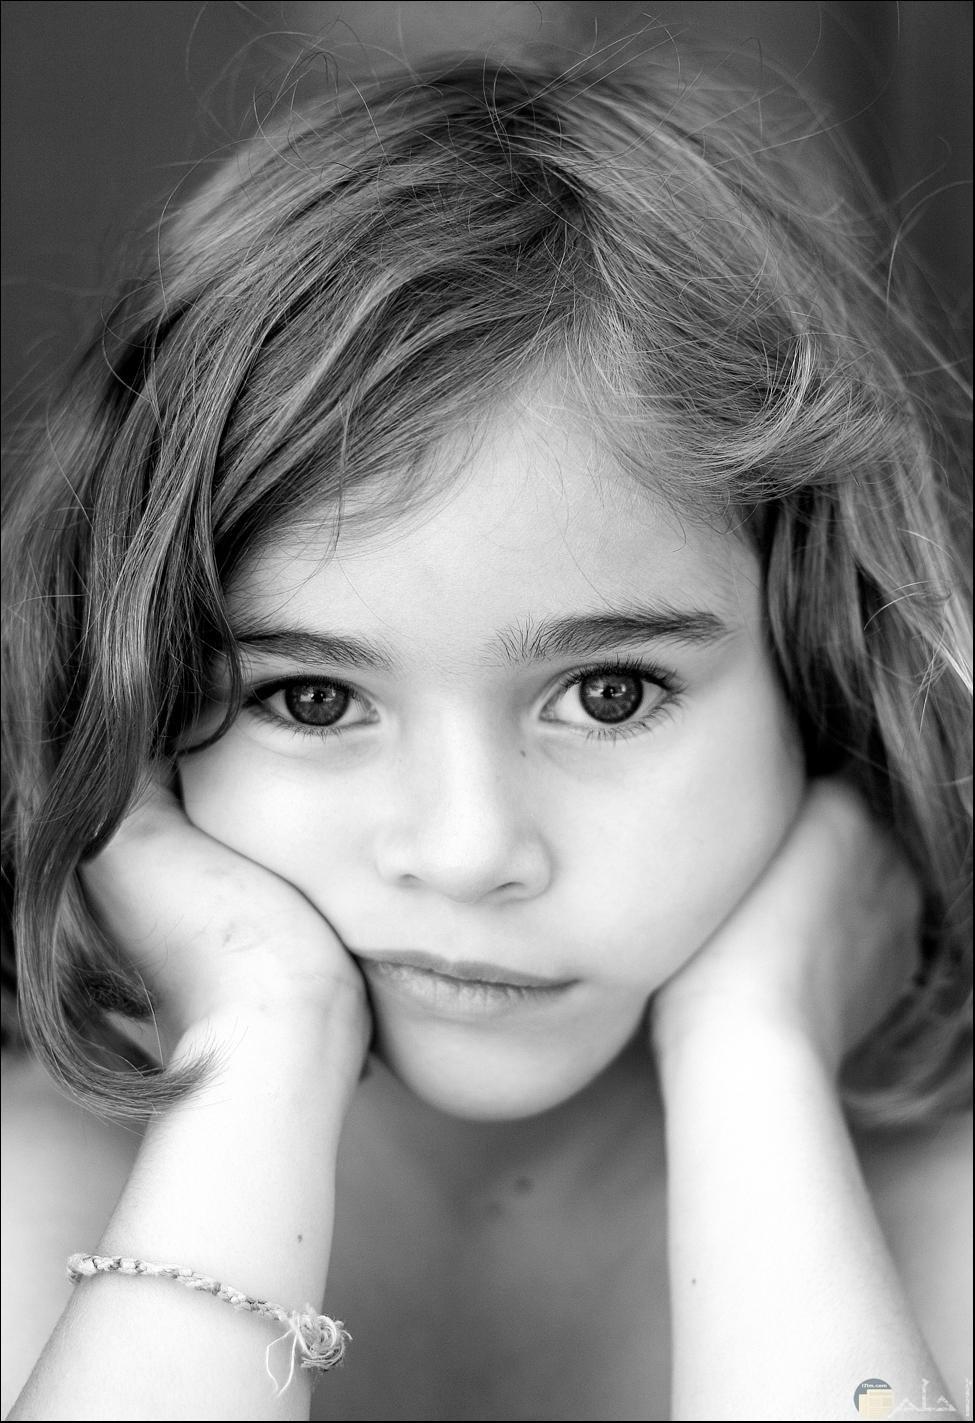 بنت صغيرة جميلة تضع يدها على خدها.